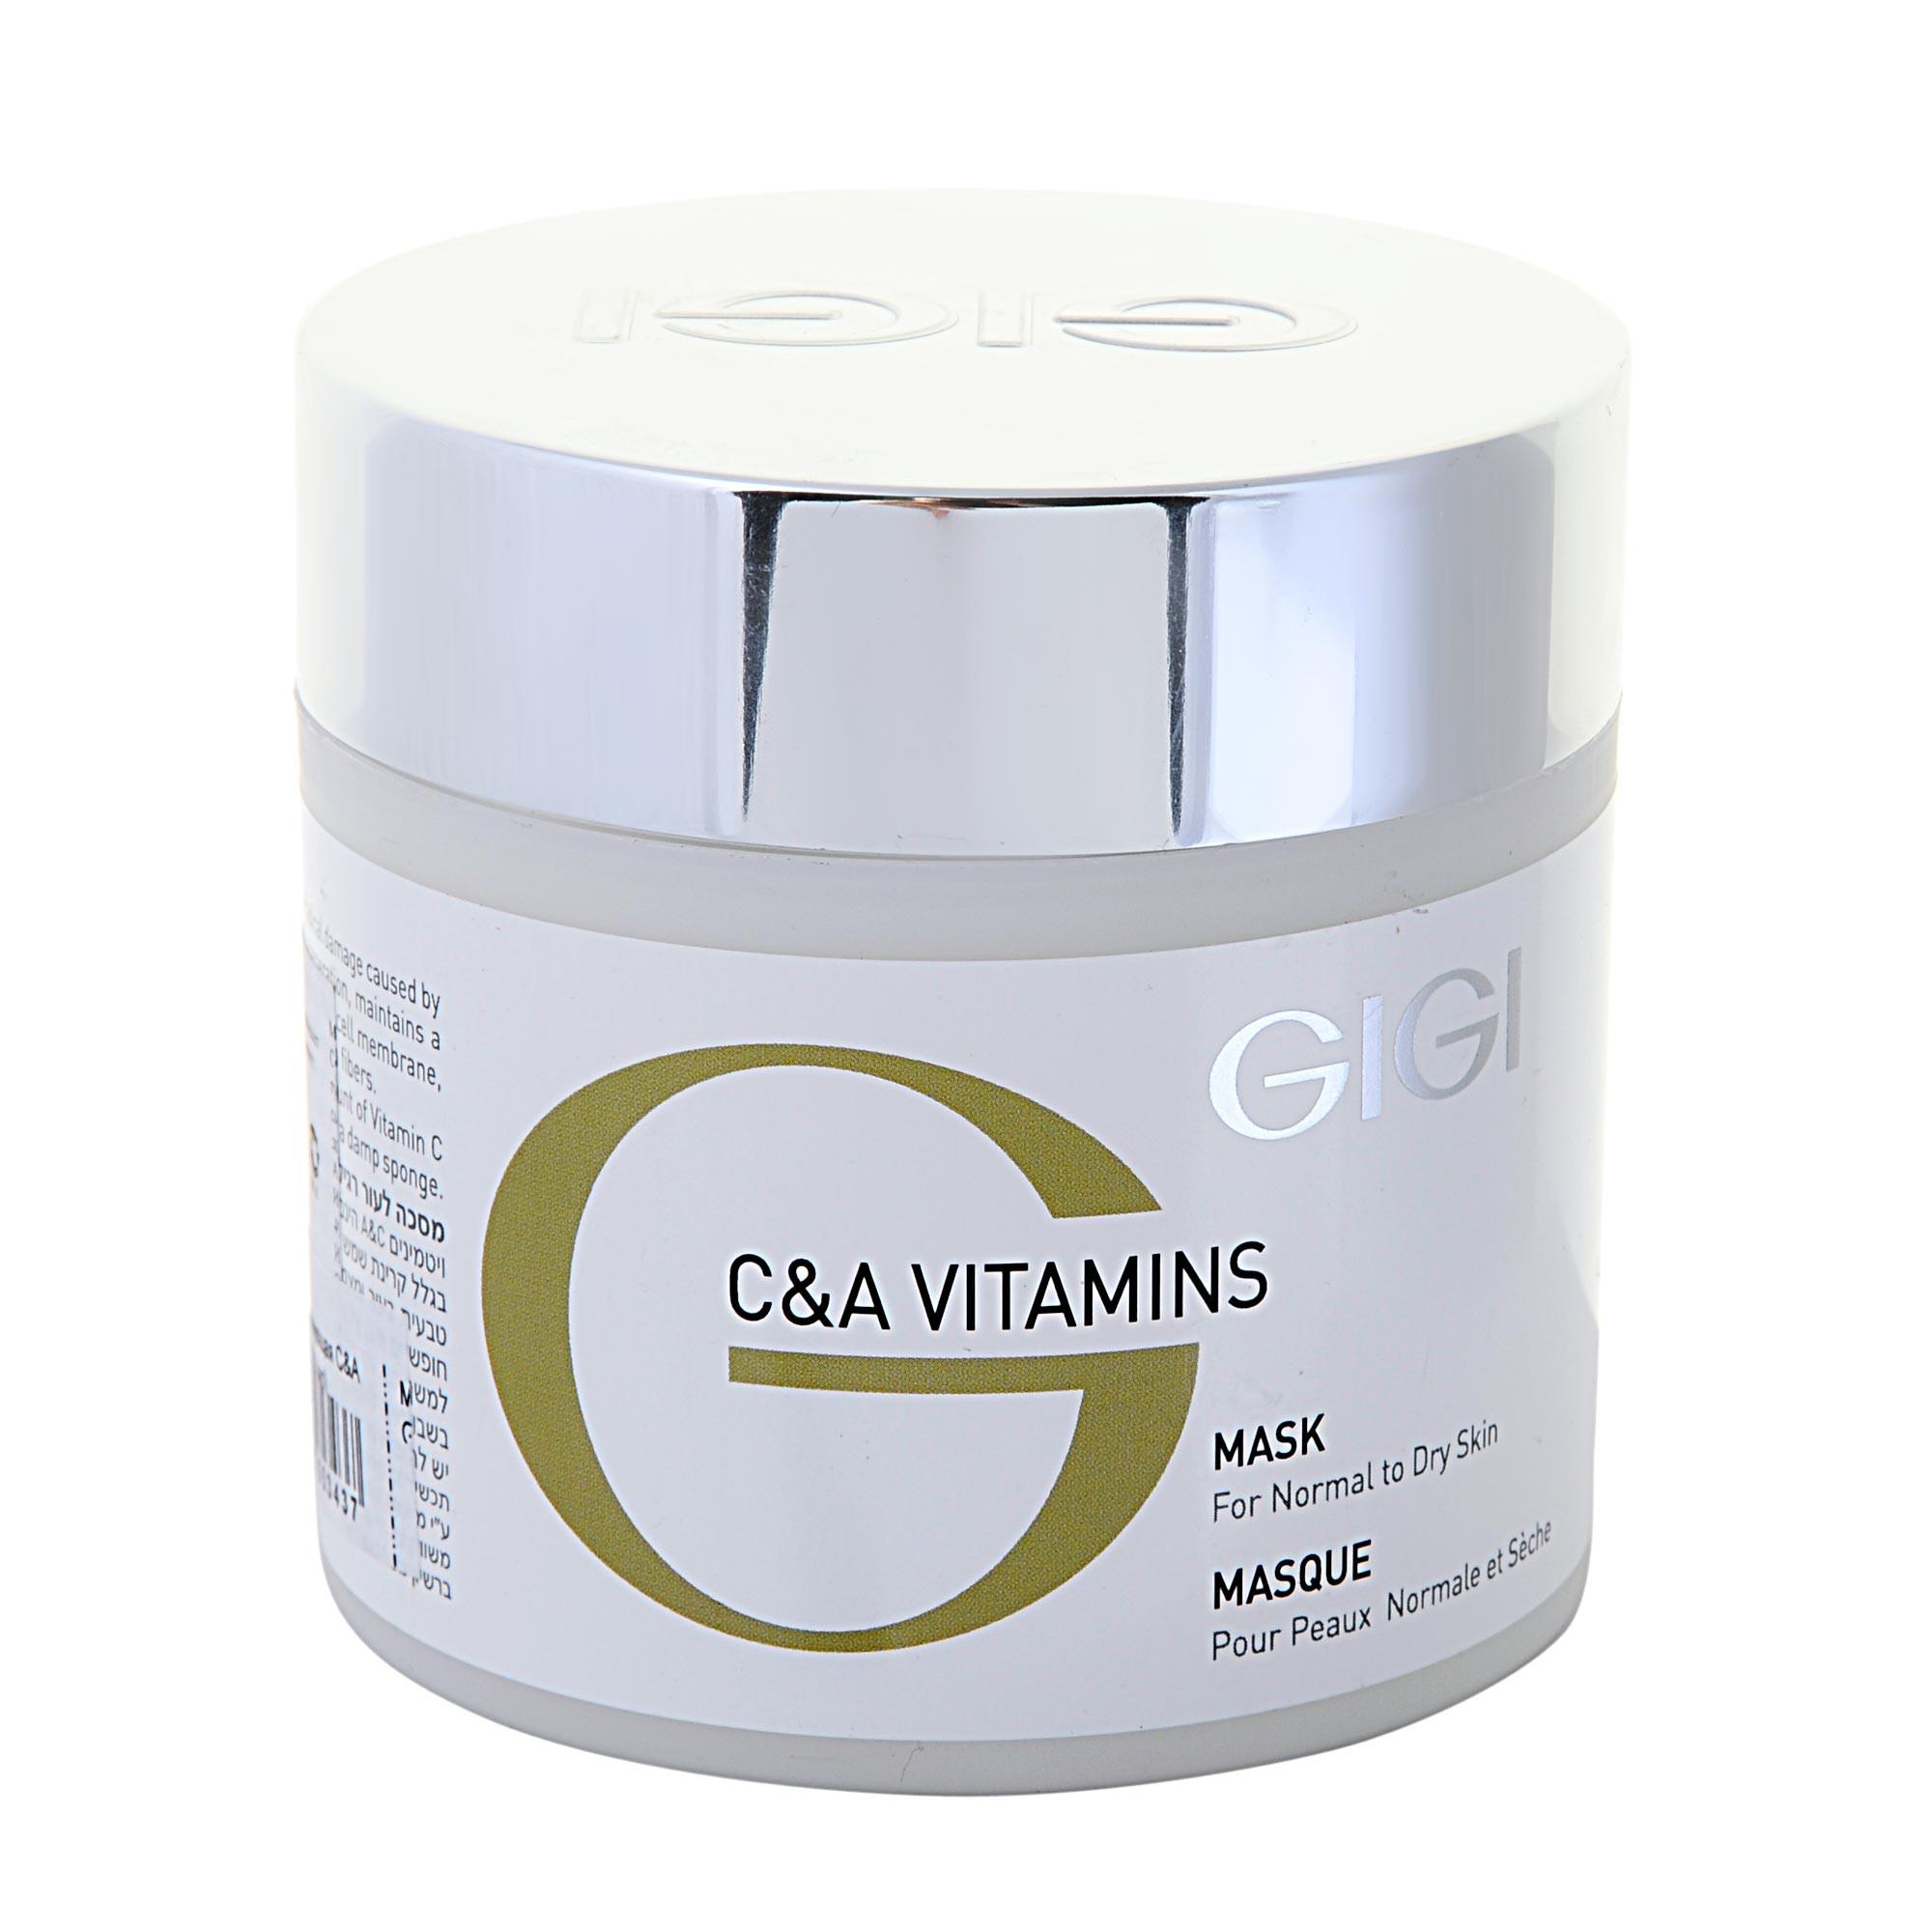 GIGI Маска регенерирующая / Mask VITAMINS C&amp;A 250млМаски<br>Уникальная витаминизированная маска для осветления и восстановления жизненно важных функций кожи. Действие: Витамины С и А являются сильнейшими антиоксидантами, стимулируют микроциркуляцию, защищают от свободных радикалов, насыщают клетки кислородом. Аскорбилфосфат магния и ретинол в комбинации с каолином, диоксидом титана и экстрактом гамамелиса осветляют и выравнивают тон кожи. Коллаген увлажняет, повышает тургор и эластичность кожи, предупреждает преждевременное старение. Масло семян бурачника восстанавливает гидро-липидную мантию кожи, и оказывает выраженное регенерирующее и омолаживающее действие. Хитозан, глюкозаминогликаны, пантенол и сквален глубоко увлажняют кожу, формируют защитную воздухопроницаемую пленочку, обладают хорошим ранозаживляющим действием и способствуют проникновению других активных веществ. Лицо выглядит отдохнувшим, свежим и гладким. На коже, ставшей нежной и матовой, макияж выполняется проще, выглядит ярче и держится дольше. Активные ингредиенты: Масло бурачника, сквален, пантенол, хитозан, диоксид титана, каолин, экстракт гамамелиса, витамин С, коллаген, глюкозаминогликаны, ретинилпальмитат, аскорбилфосфат магния. Способ применения: Нанести на очищенную кожу век и лица средним слоем и оставить на 15-20 минут. Смыть теплой водой. Хорошо использовать под термомоделирующую маску Биомарин или альгинатные маски Витамины С&amp;amp;A. Также замечательно подходит для работы с микротоковой терапией.<br><br>Объем: 250<br>Вид средства для лица: Восстанавливающий